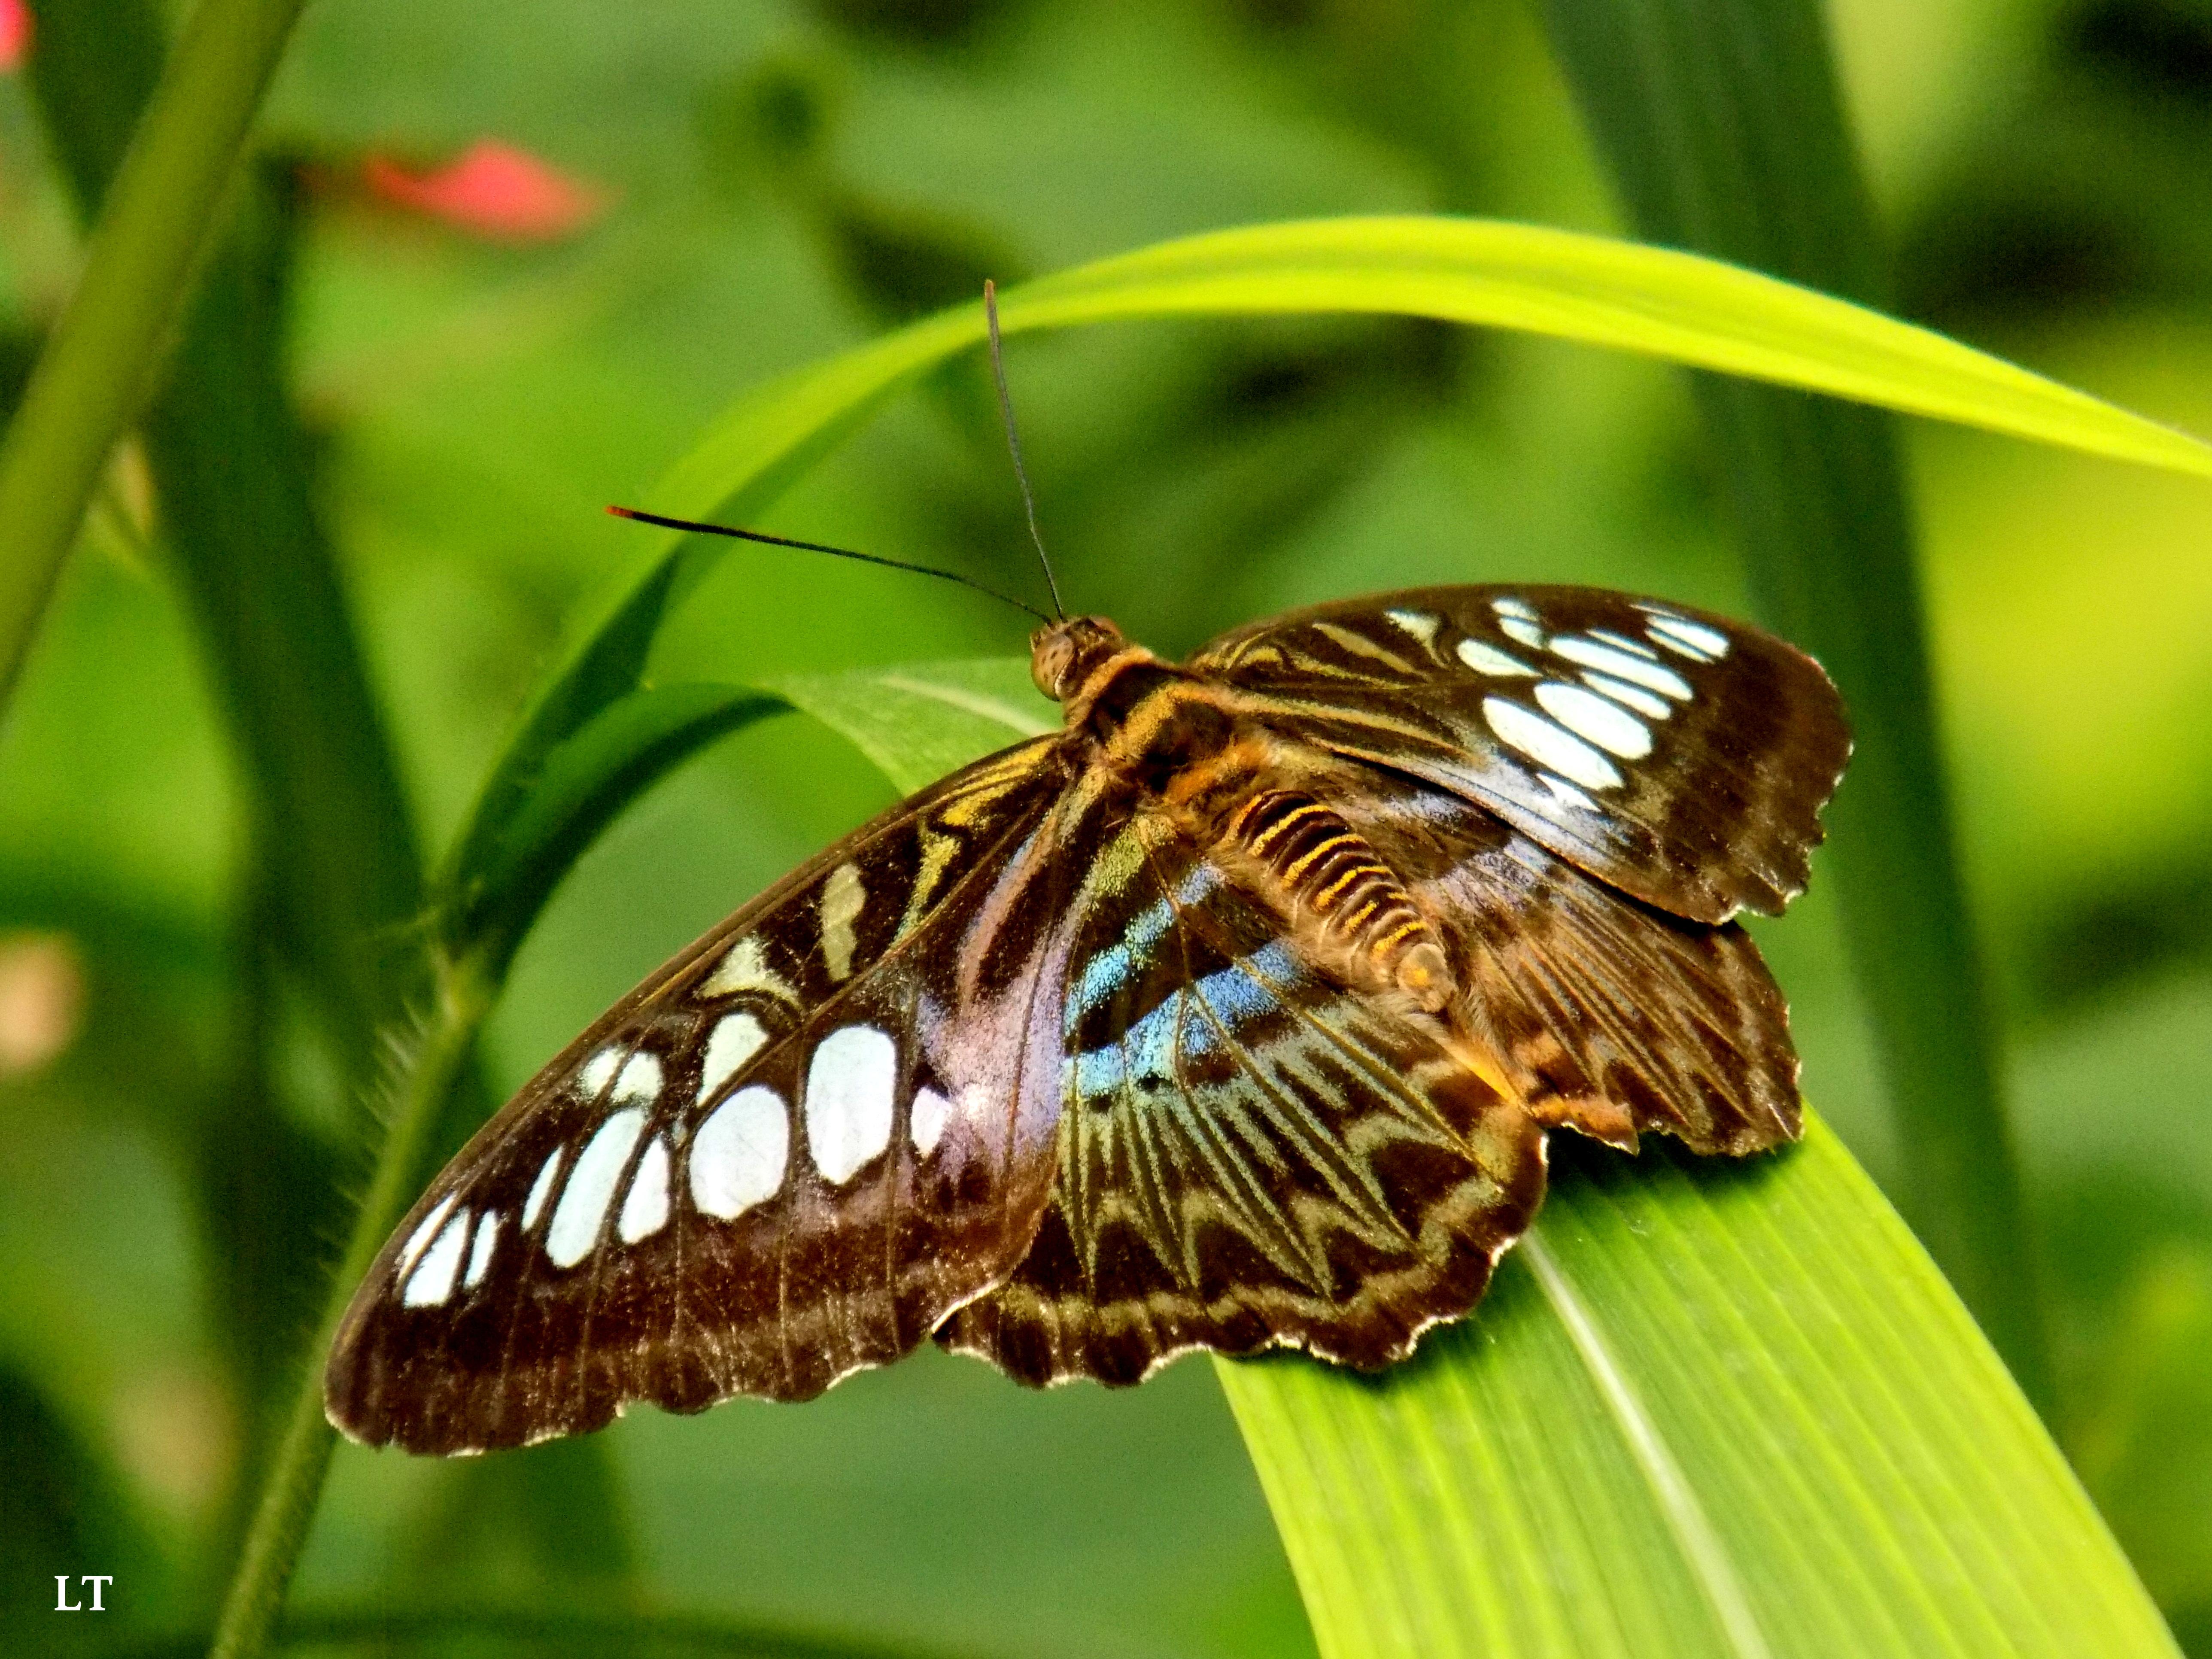 Concours naturospace honfleur dessine moi un papillon - Dessine un papillon ...